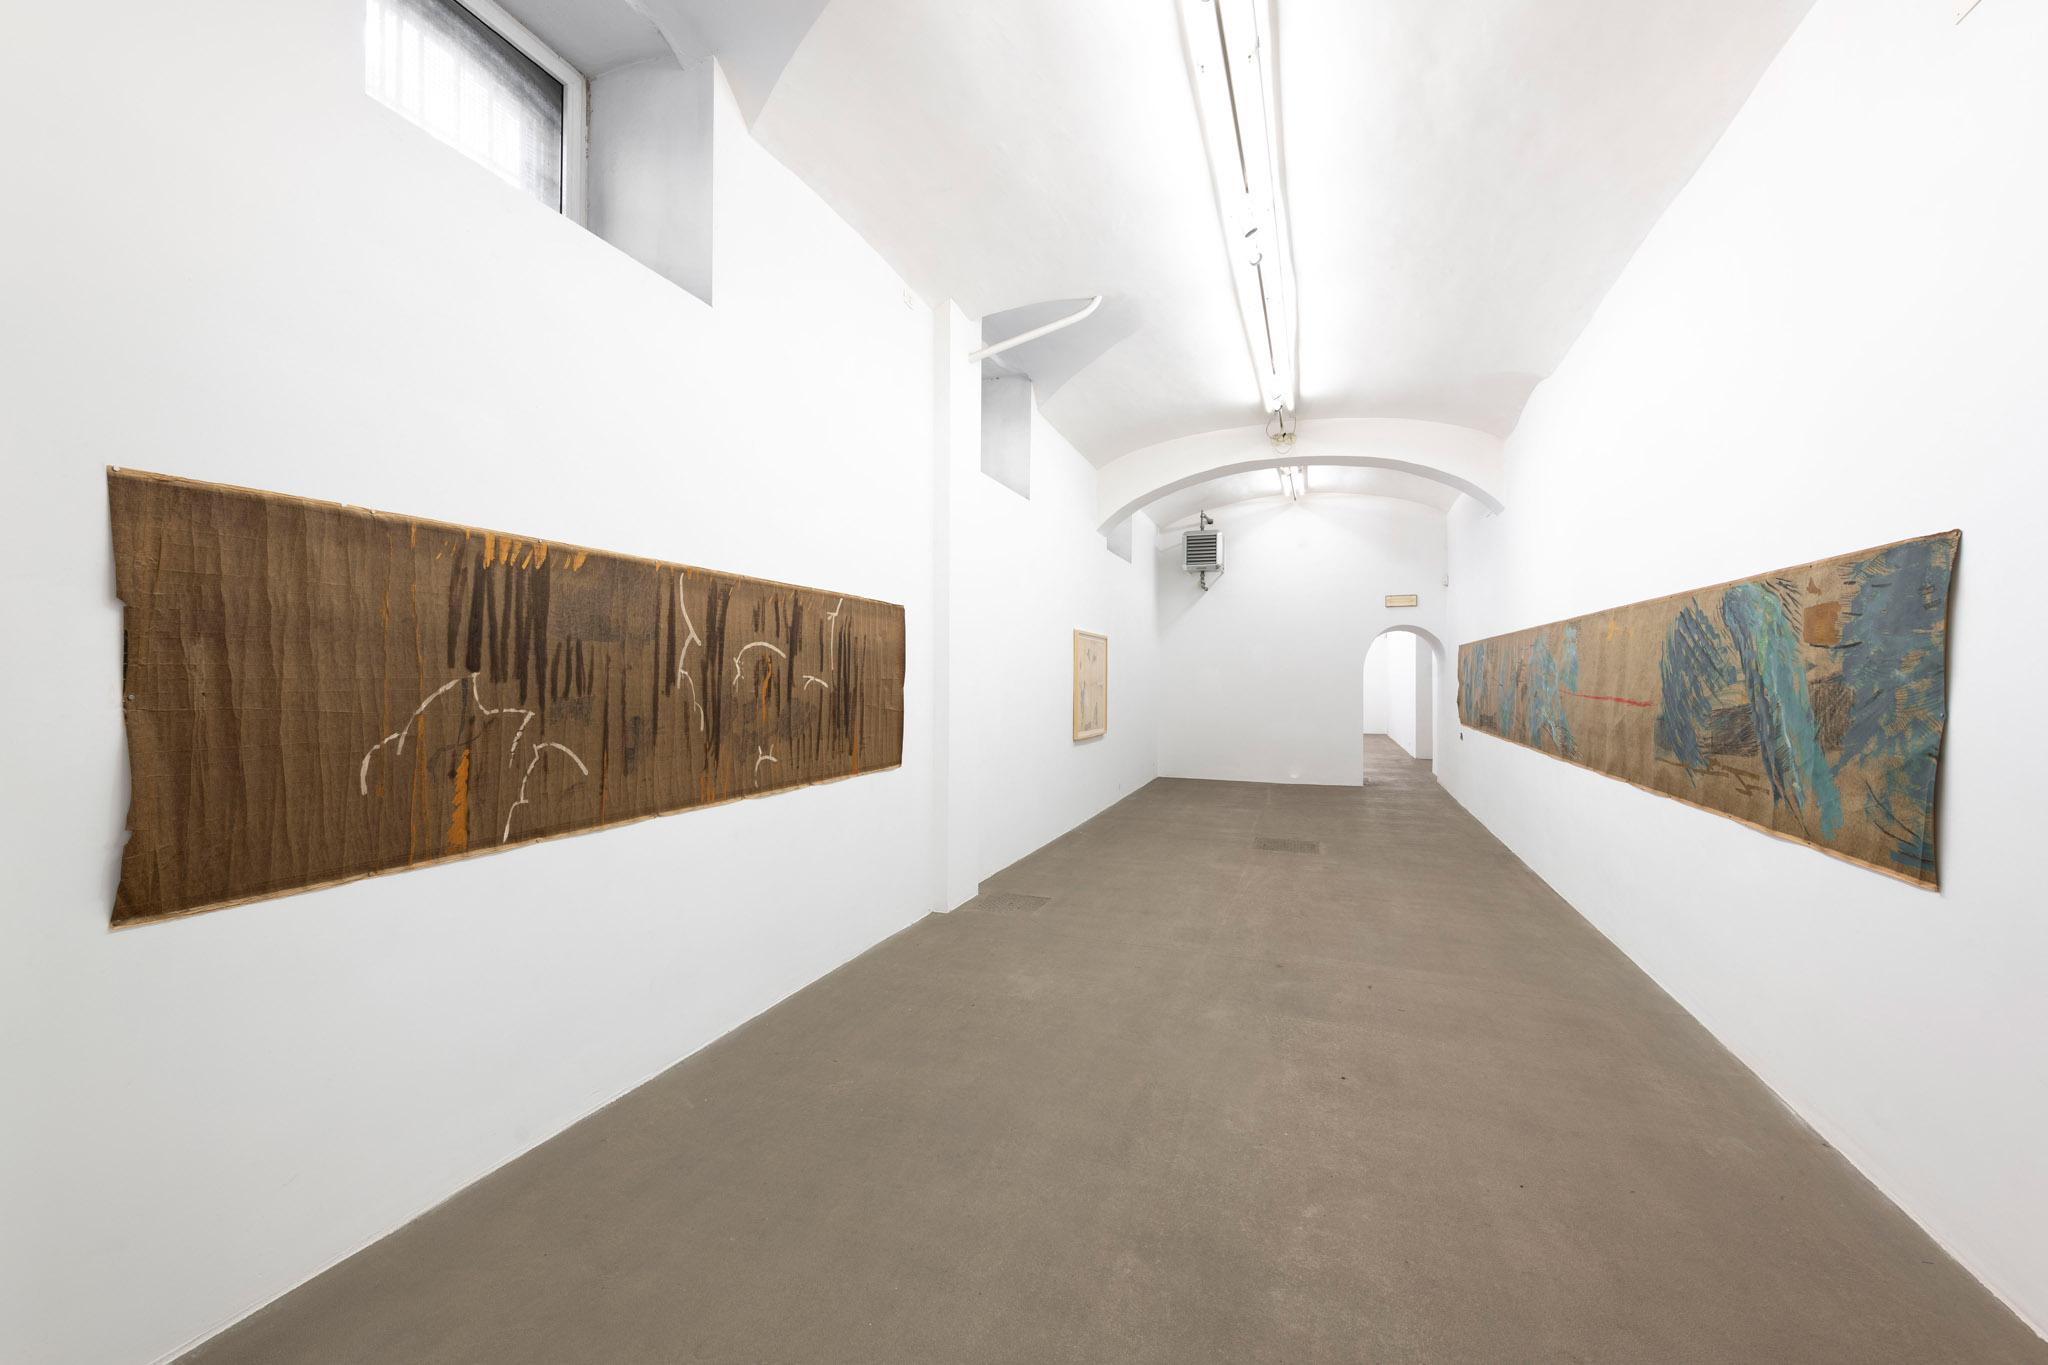 La camera bianca  Installation view; foto: Giorgio Benni